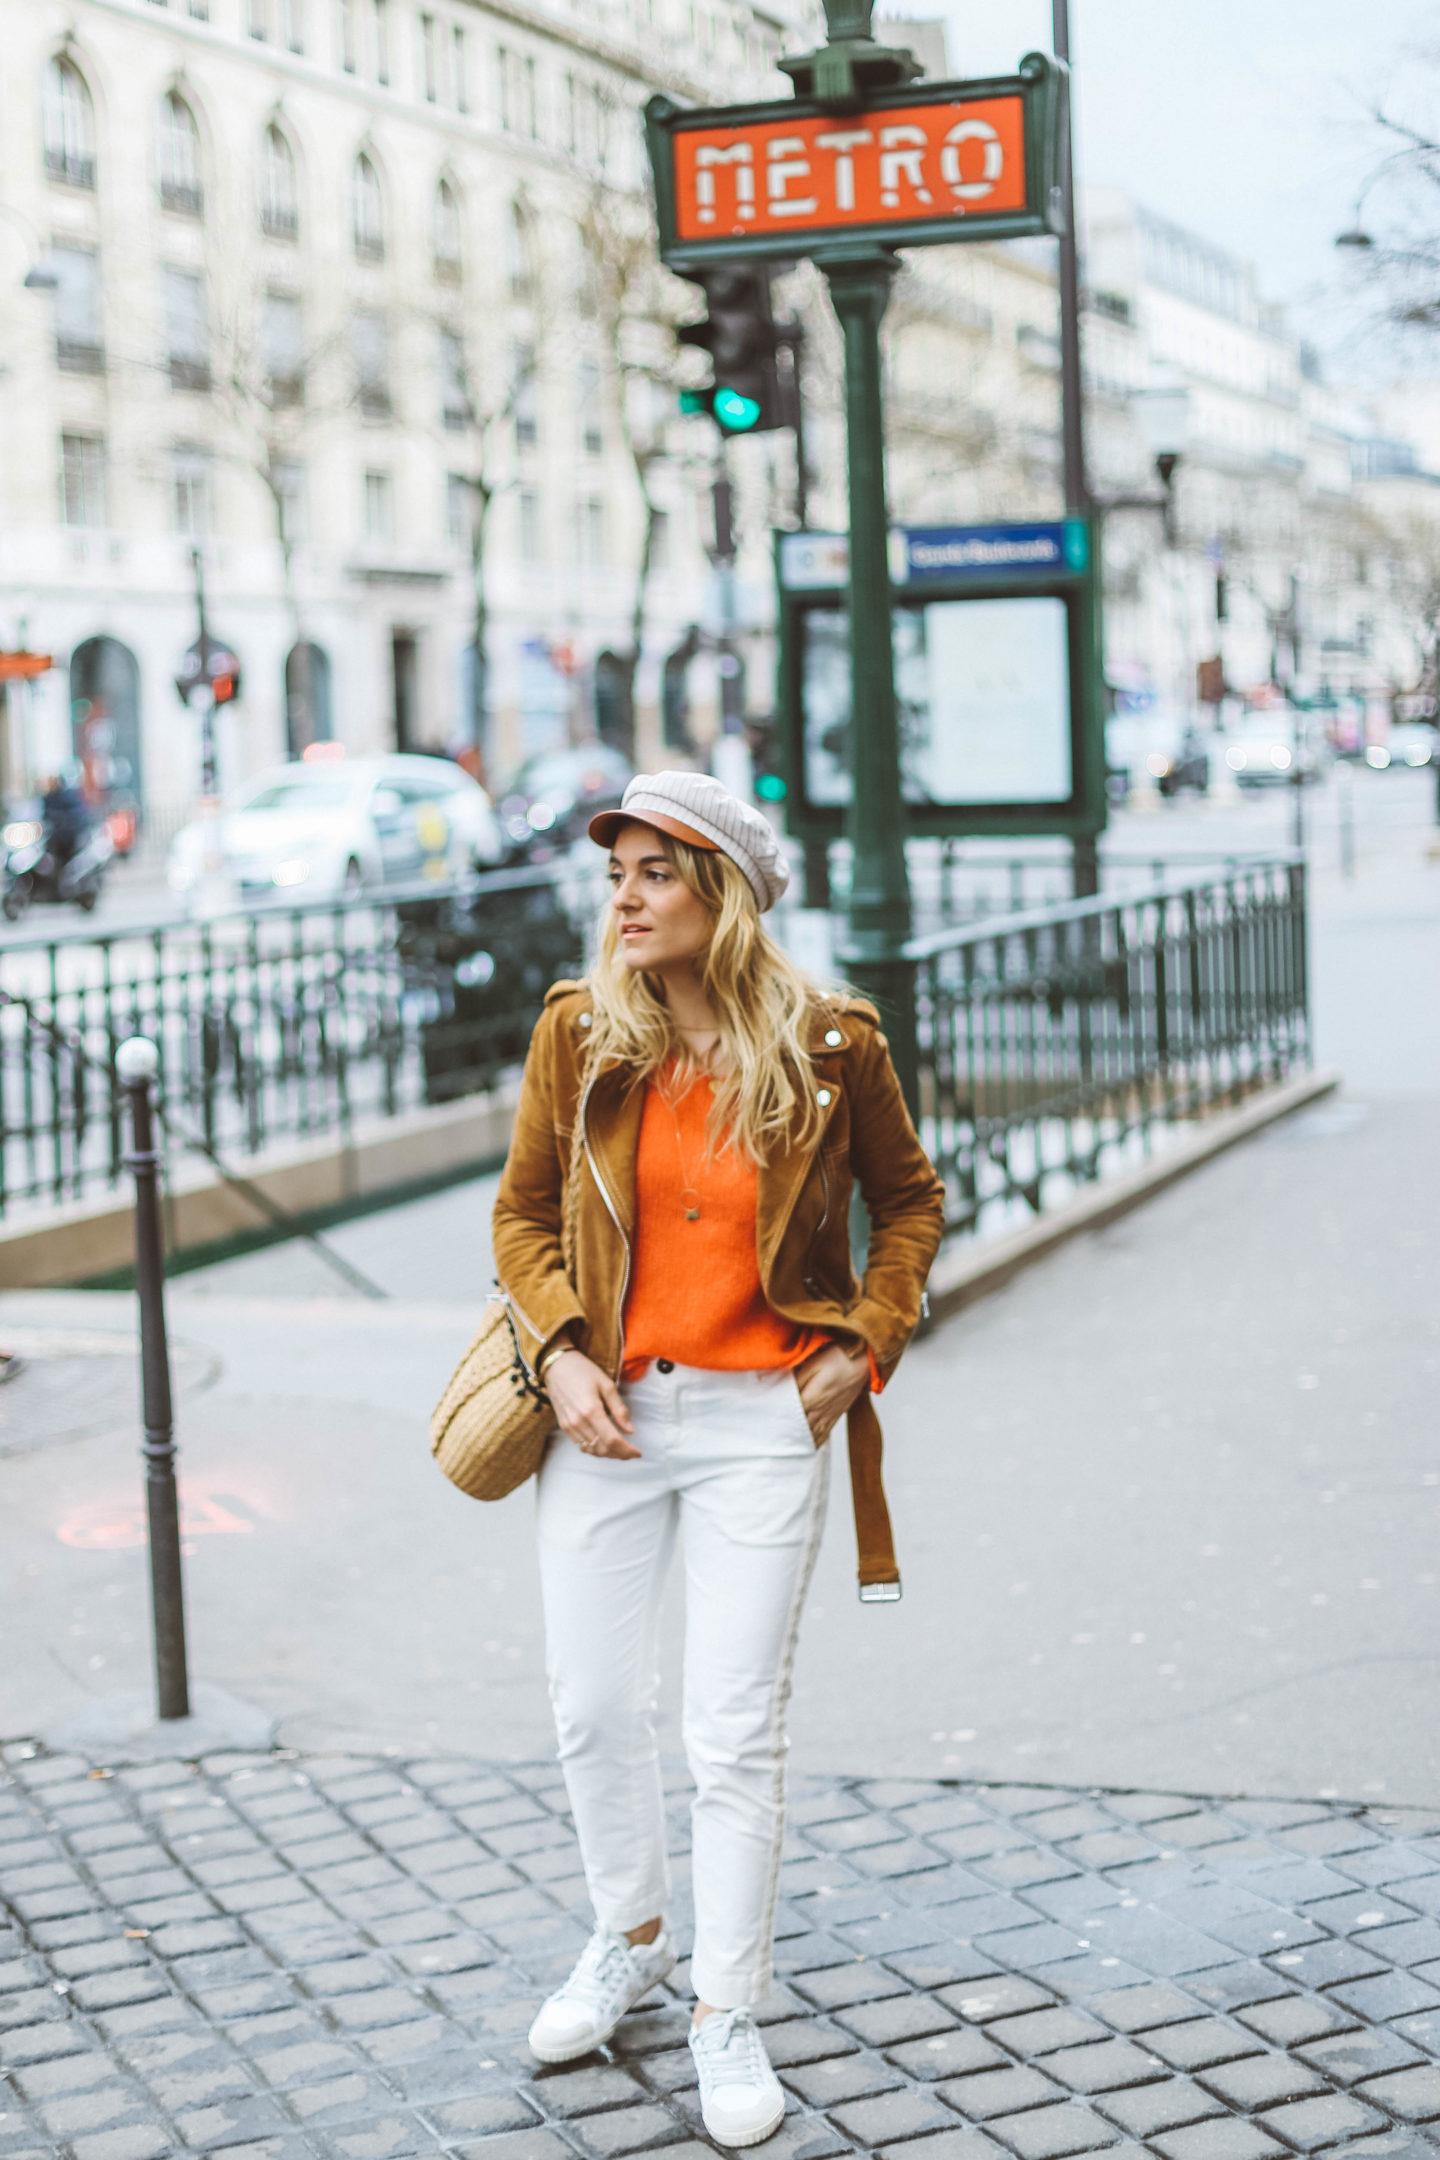 Sézane Paris - Blondie Baby blog mode et voyages